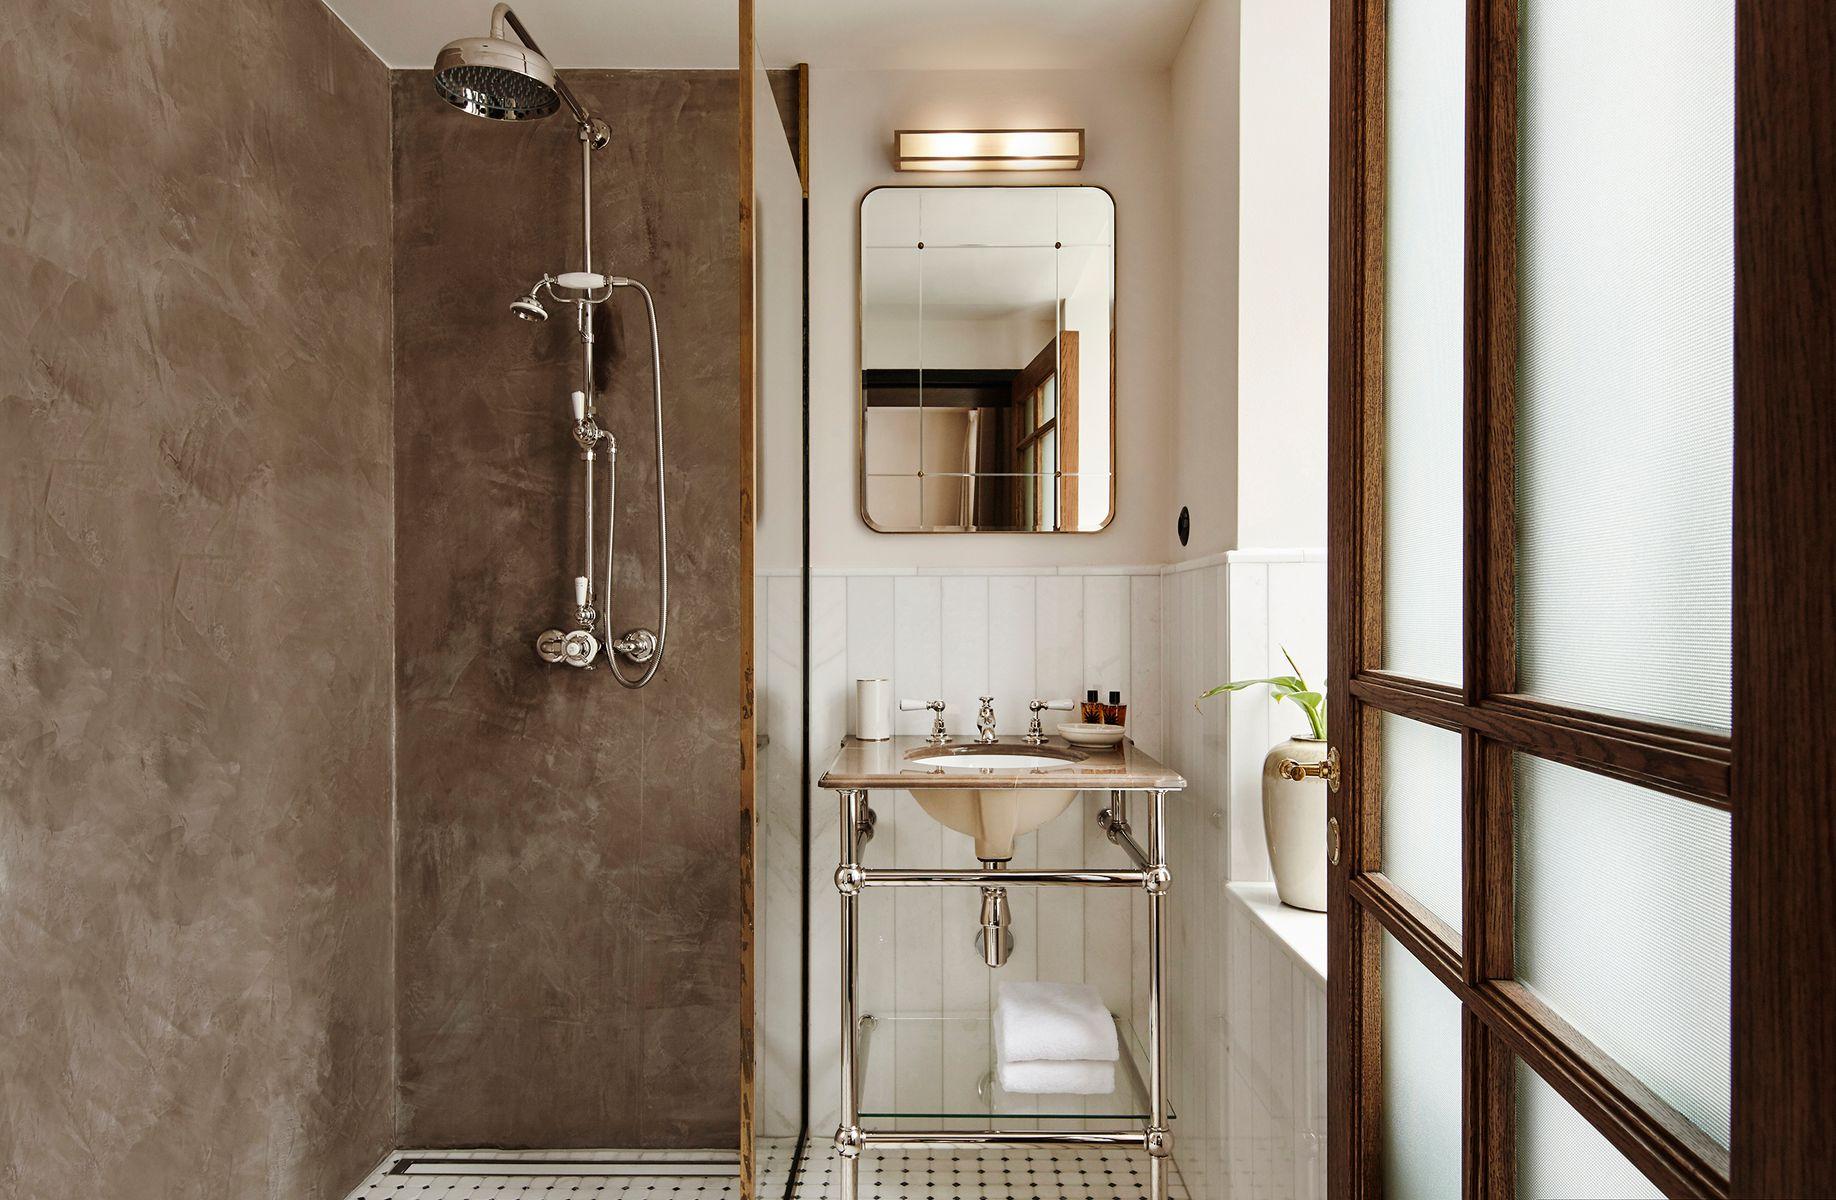 gro er spiegel von lind almond f r novocastrian bei pamono kaufen. Black Bedroom Furniture Sets. Home Design Ideas